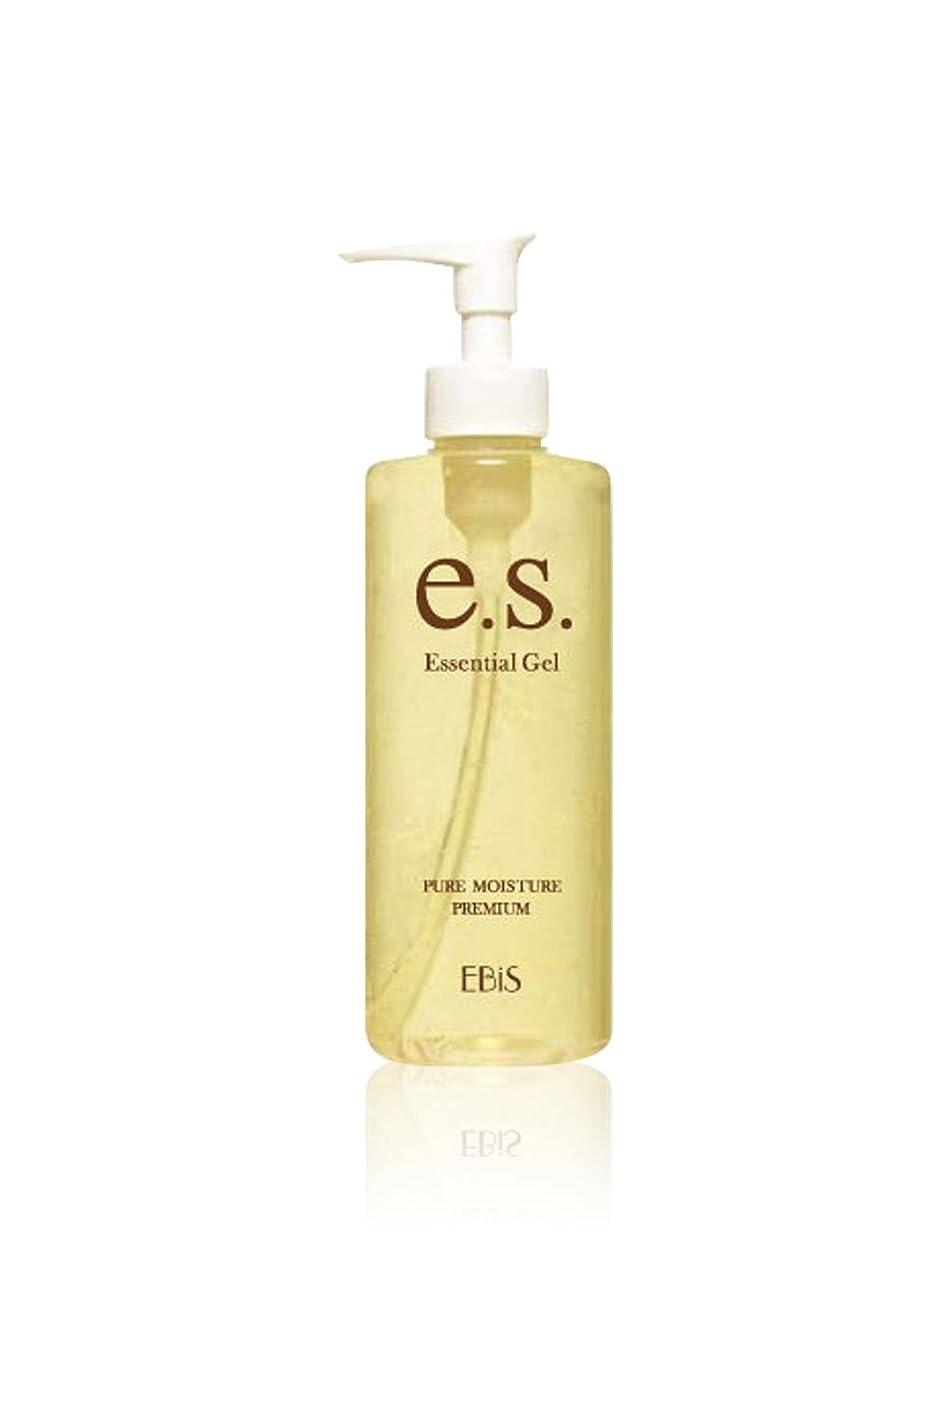 行エンドテーブルカバレッジエビス化粧品(EBiS) イーエスエッセンシャルジェル (105g) 美顔器ジェル 無添加処方 アルコールフリー 日本製 男女兼用 保湿ジェル